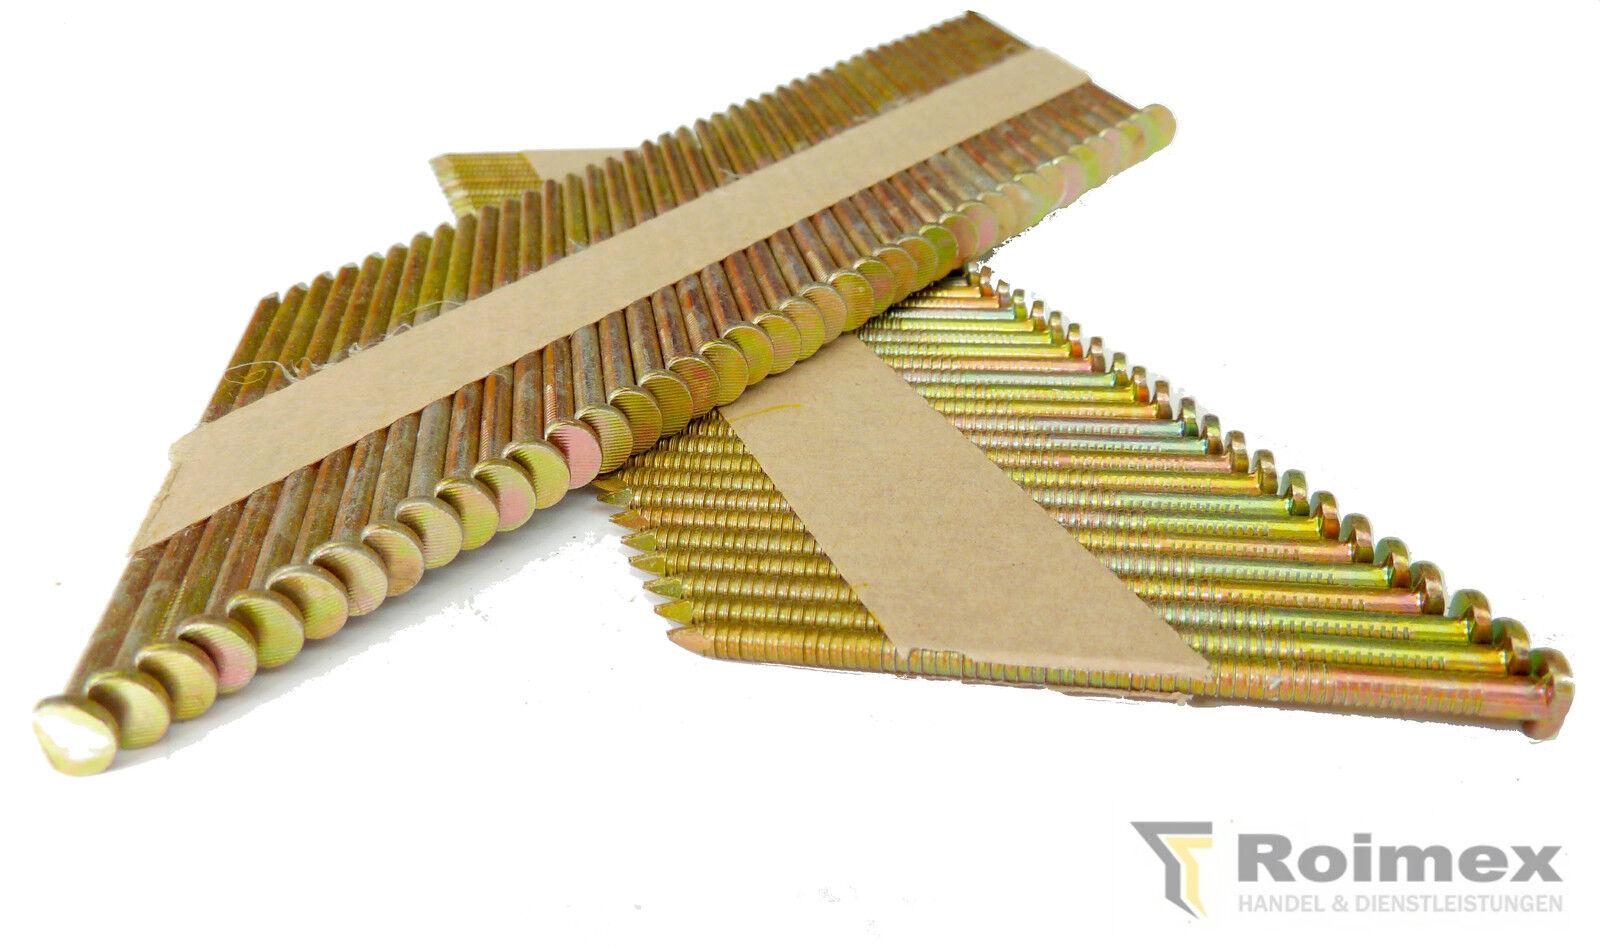 3000 Streifennägel 34° papiergeb. D-Kopf  50-100mm für BeA Paslode Prebena u.a.